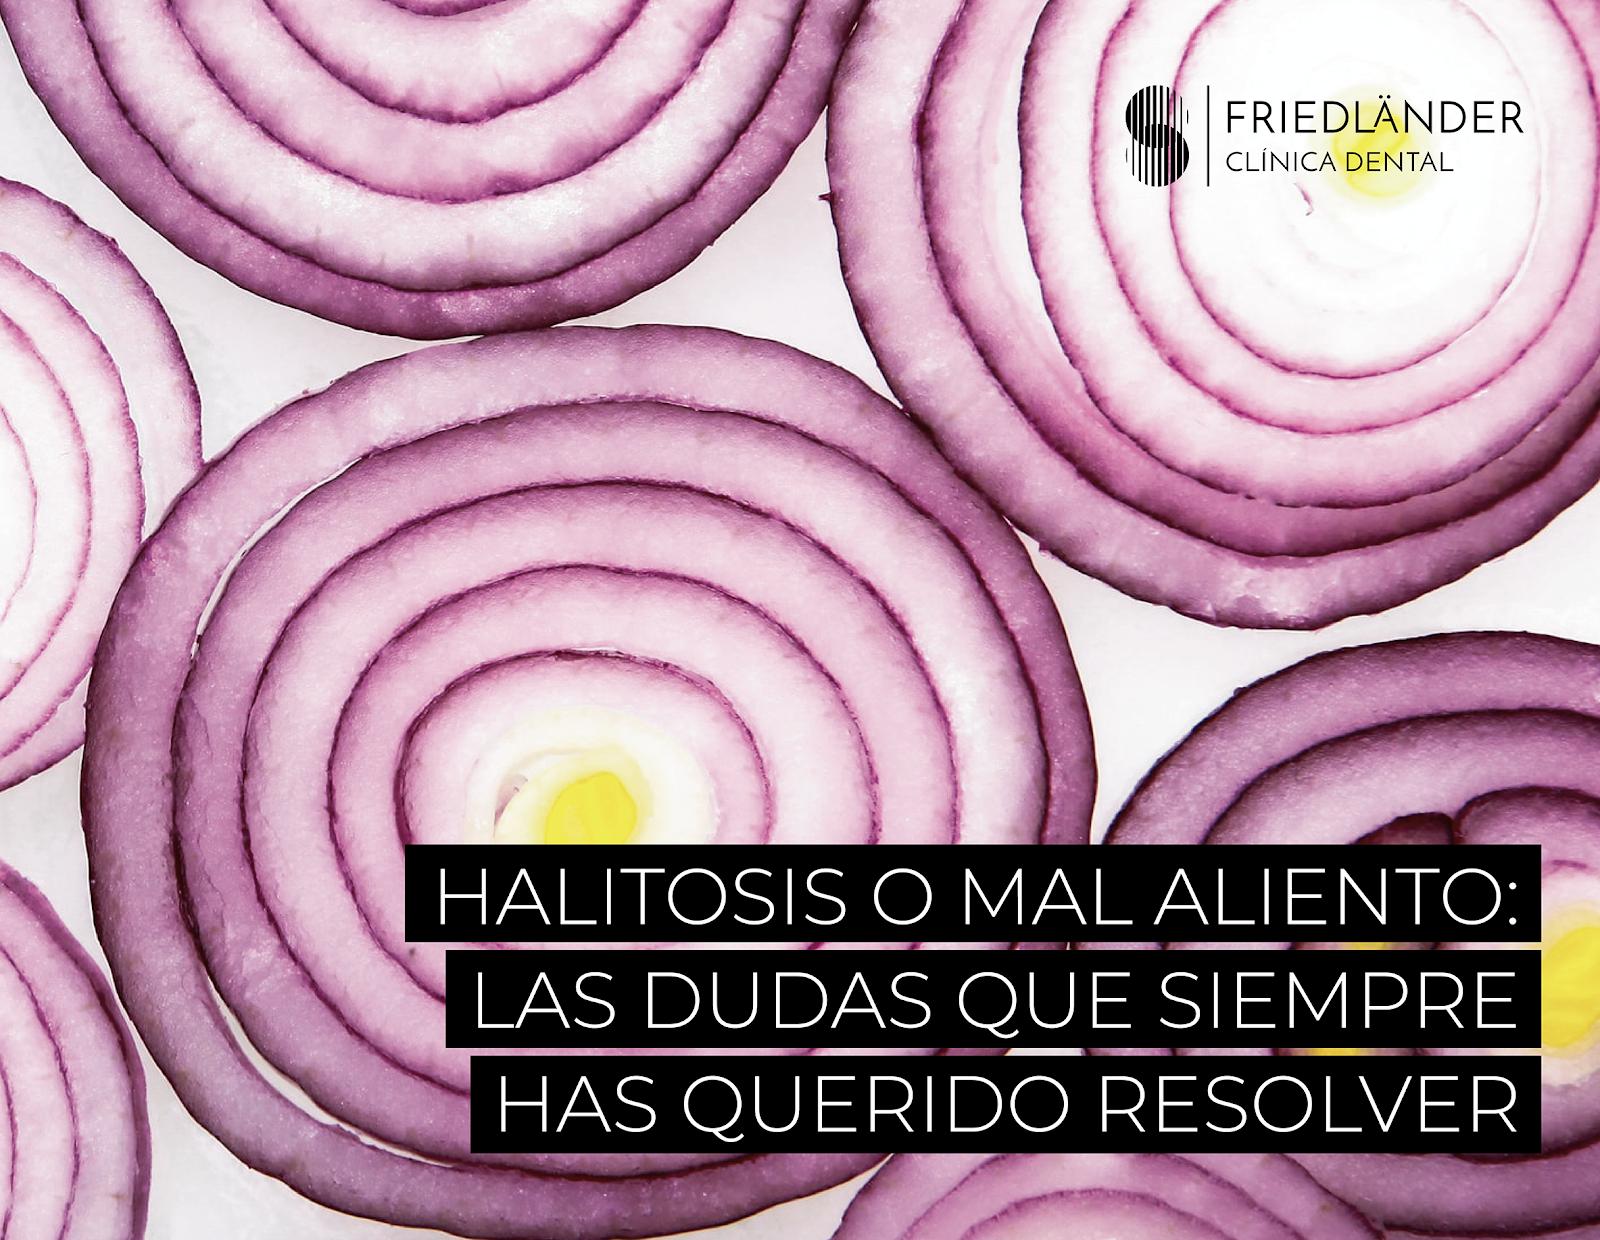 Halitosis: Qué es y remedios para minimizar su impacto. 6